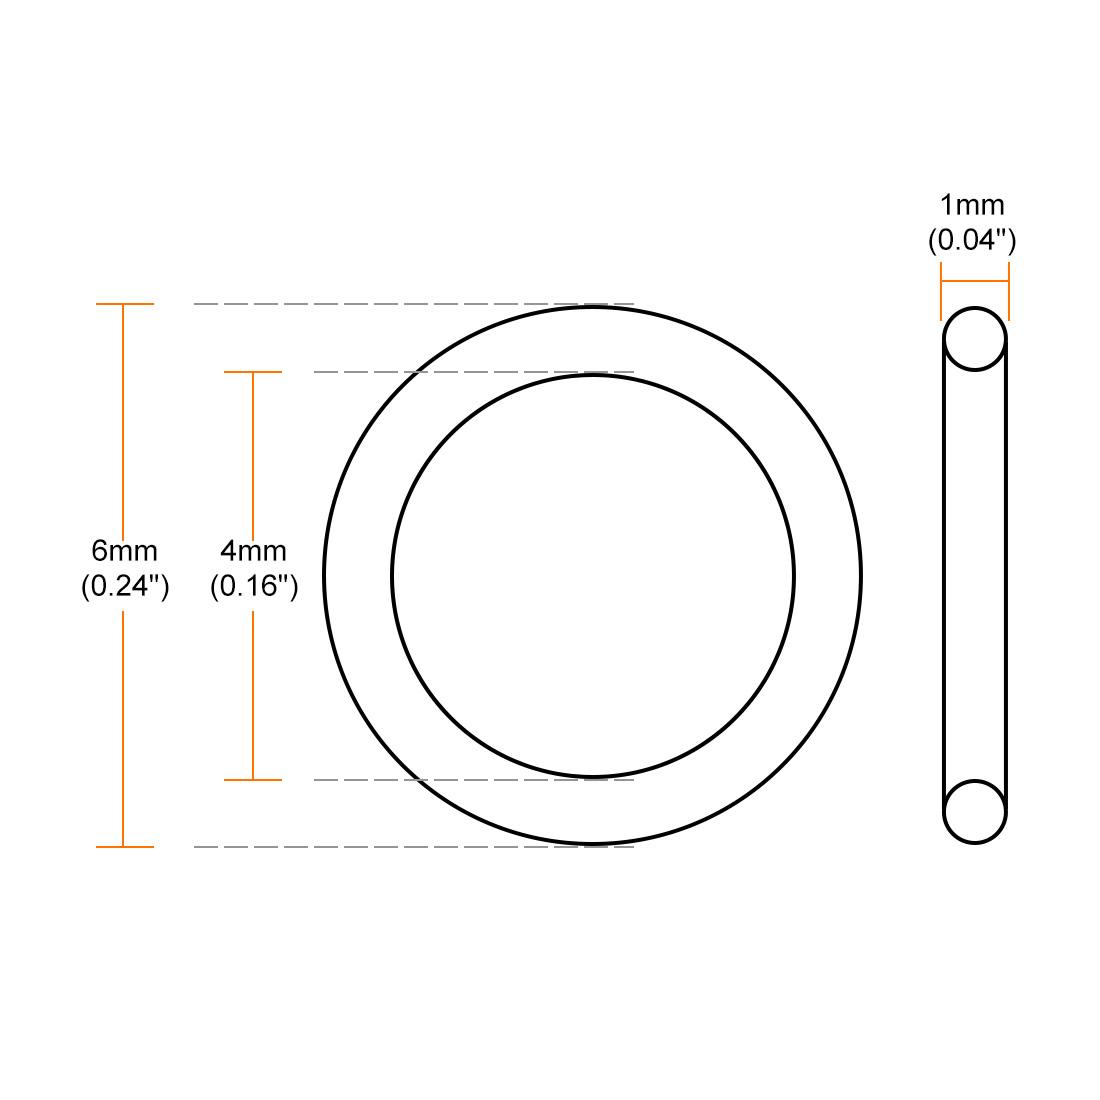 Fluorine Rubber O Rings 6mm OD 1mm Width Seal Gasket Green 20 Pcs 4mm ID